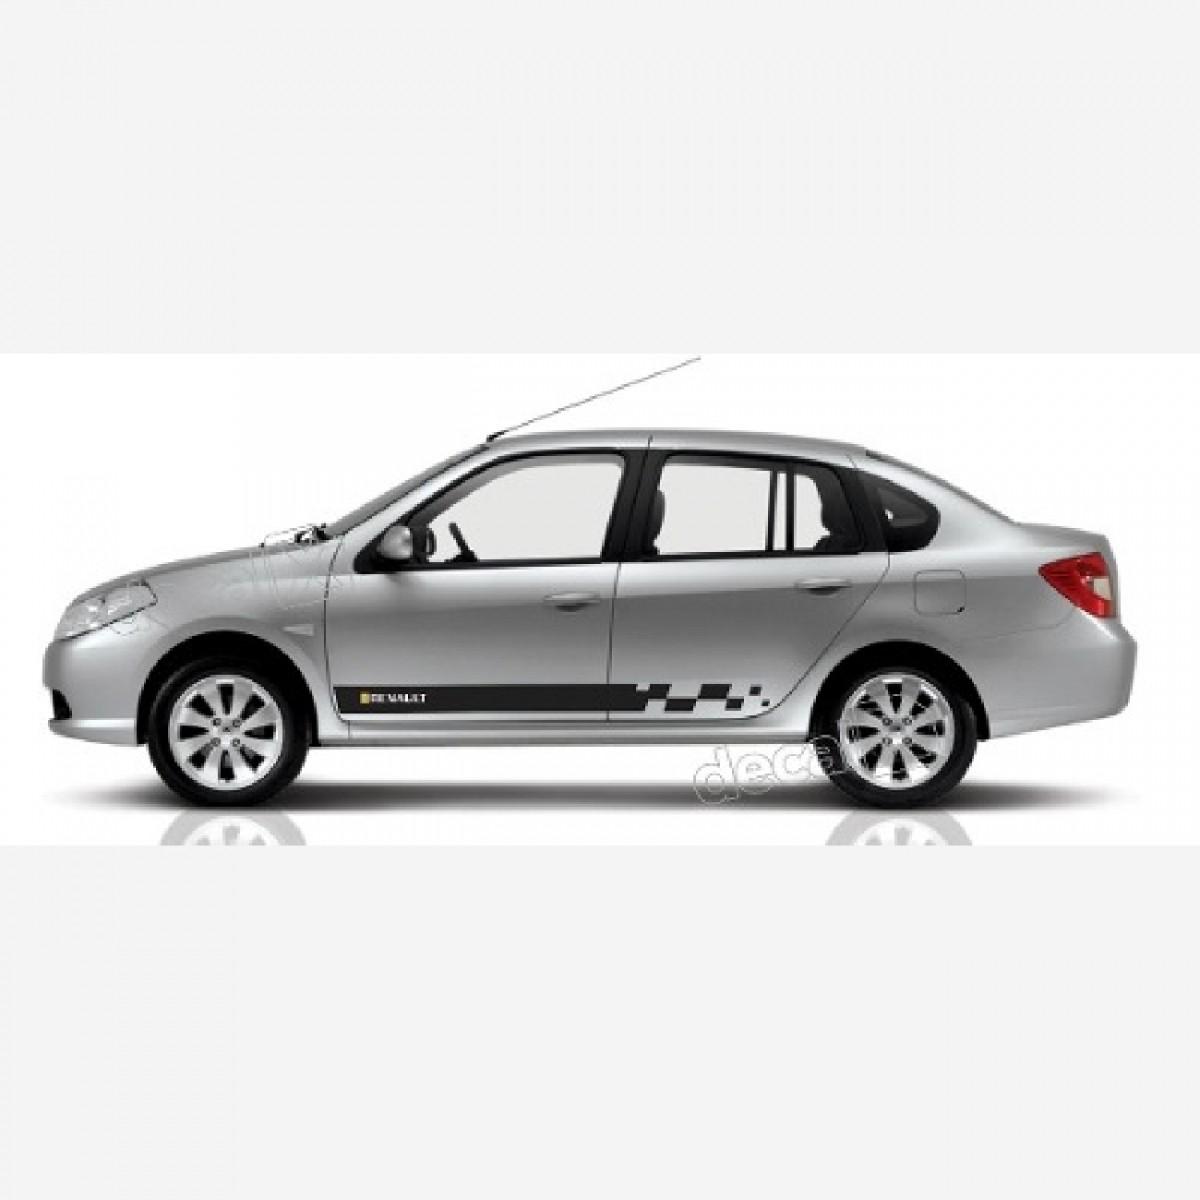 Adesivo Faixa Lateral Fiat Uno Mp213